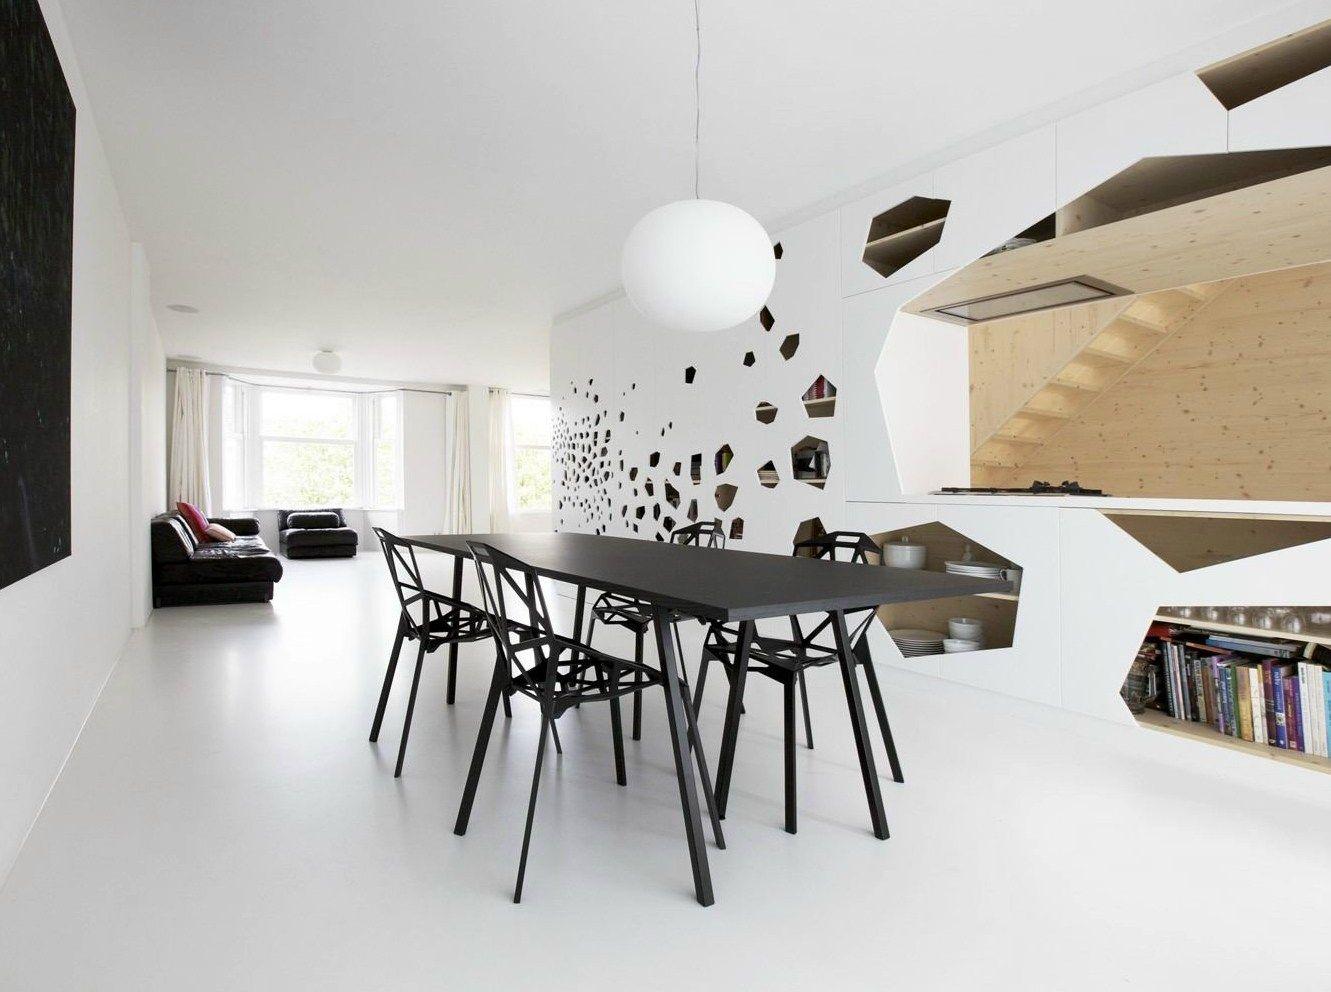 Amsterdam: Home 07 di i29 interior architects